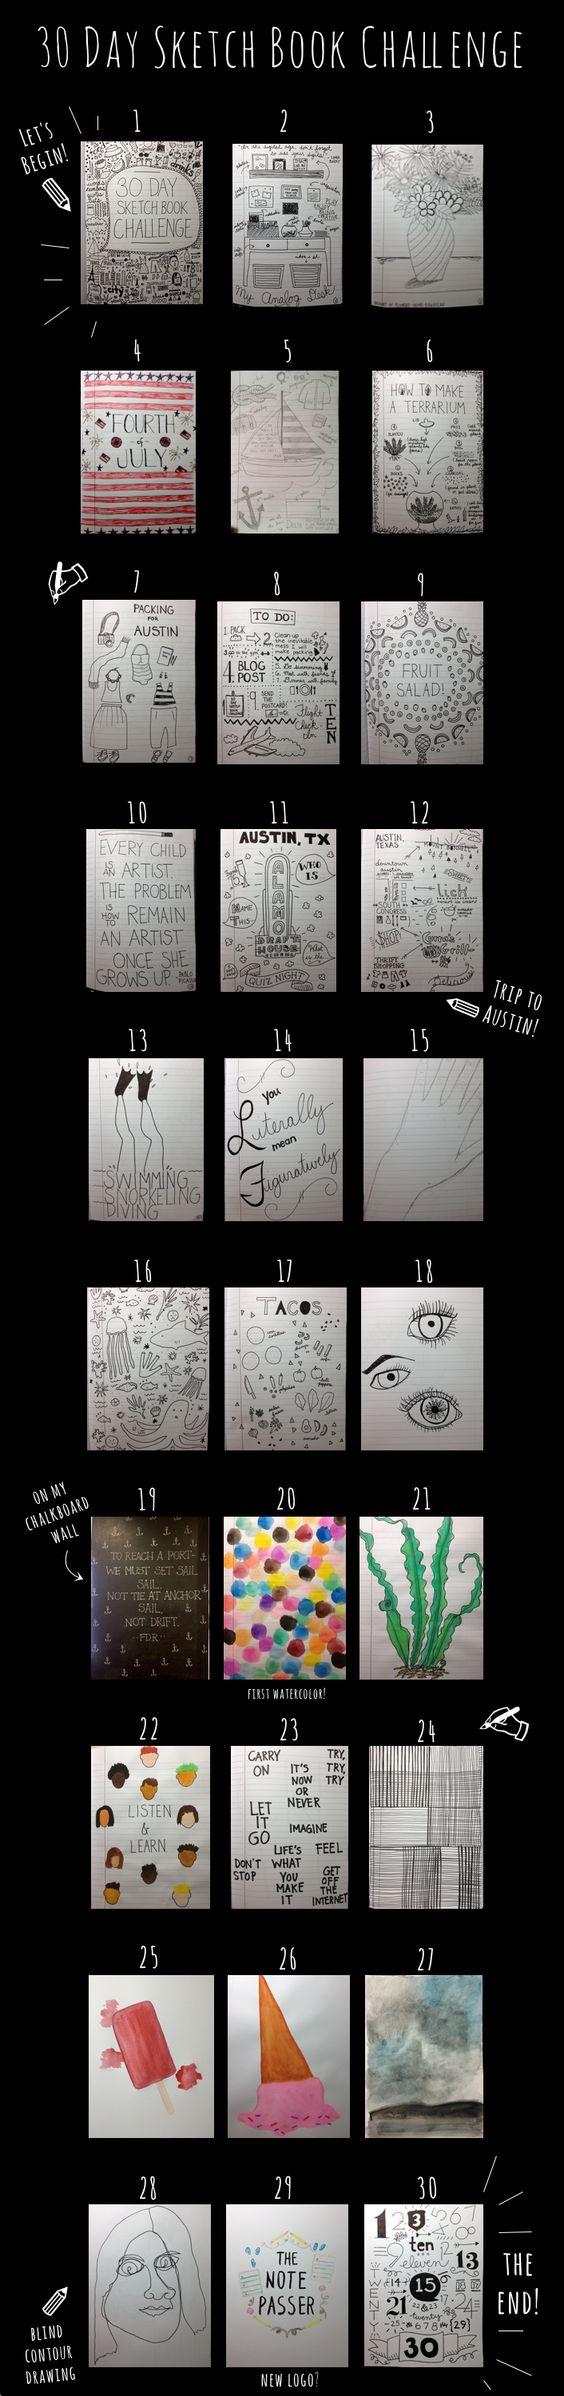 30 Day Sketchbook Challenge